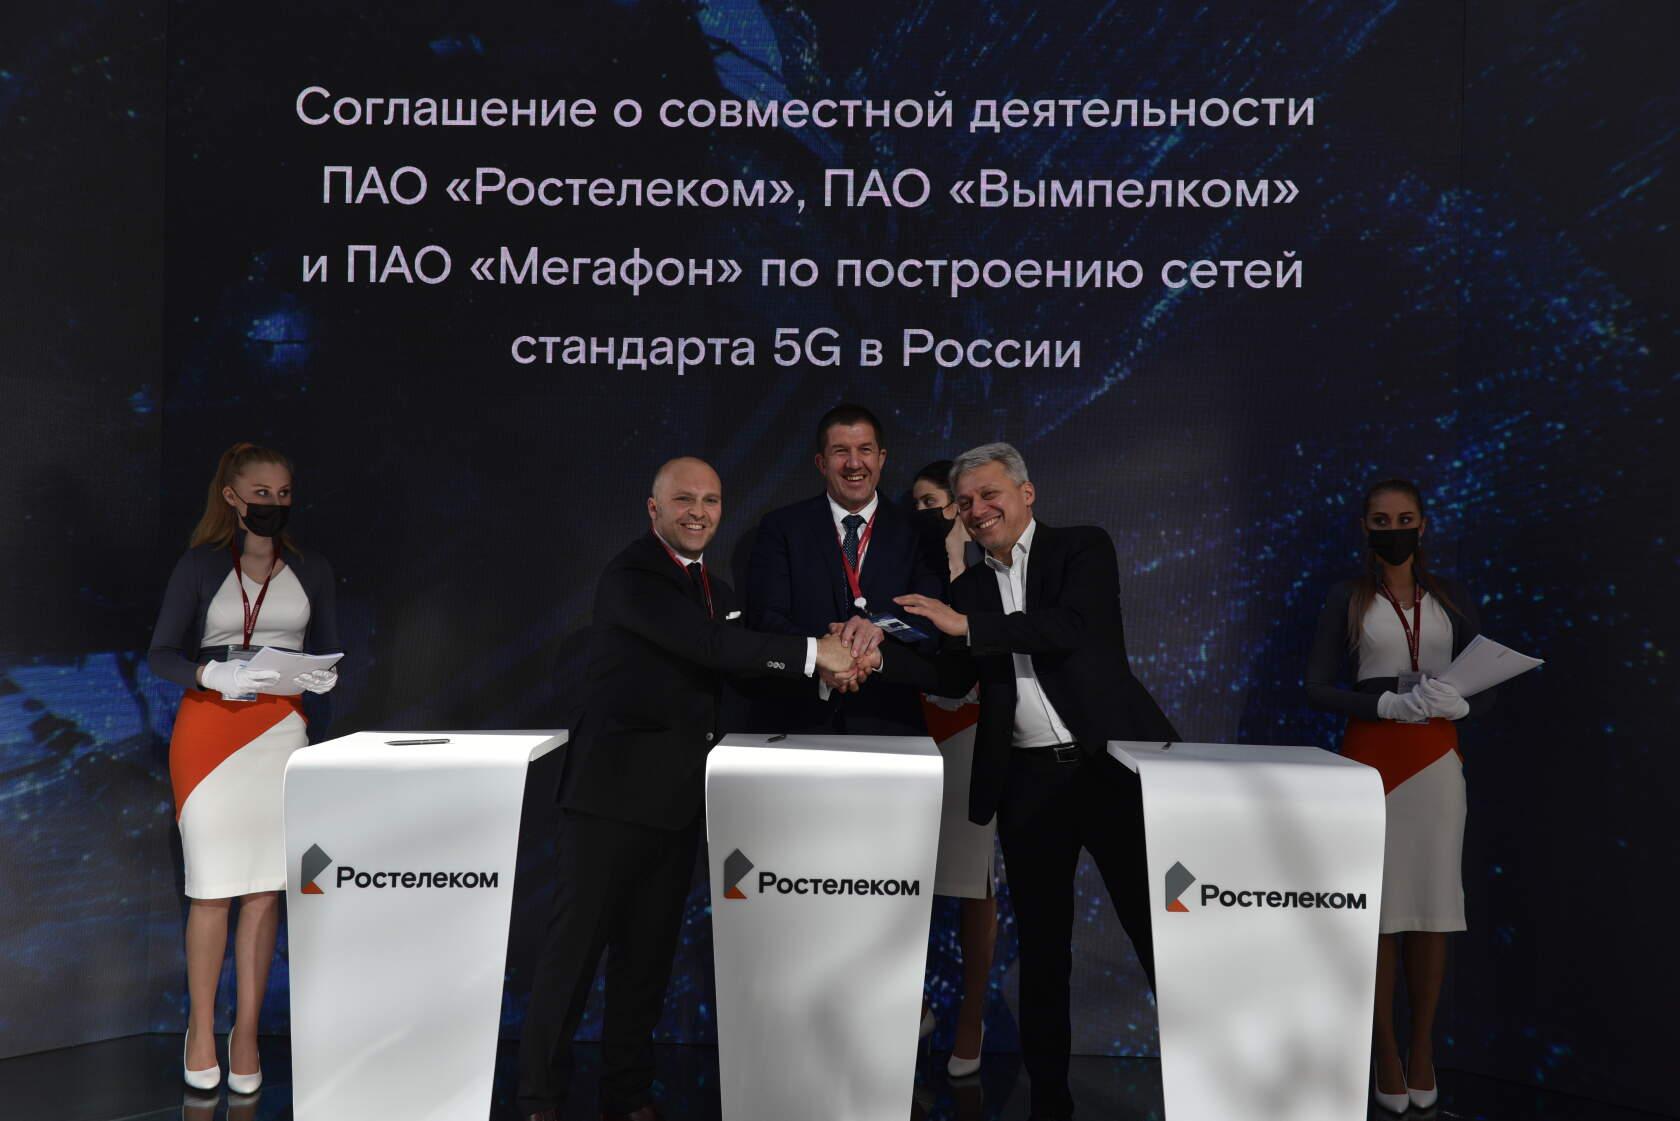 МегаФон, «ВымпелКом» и «Ростелеком» вместе  будут исследовать радиочасты под сети 5G